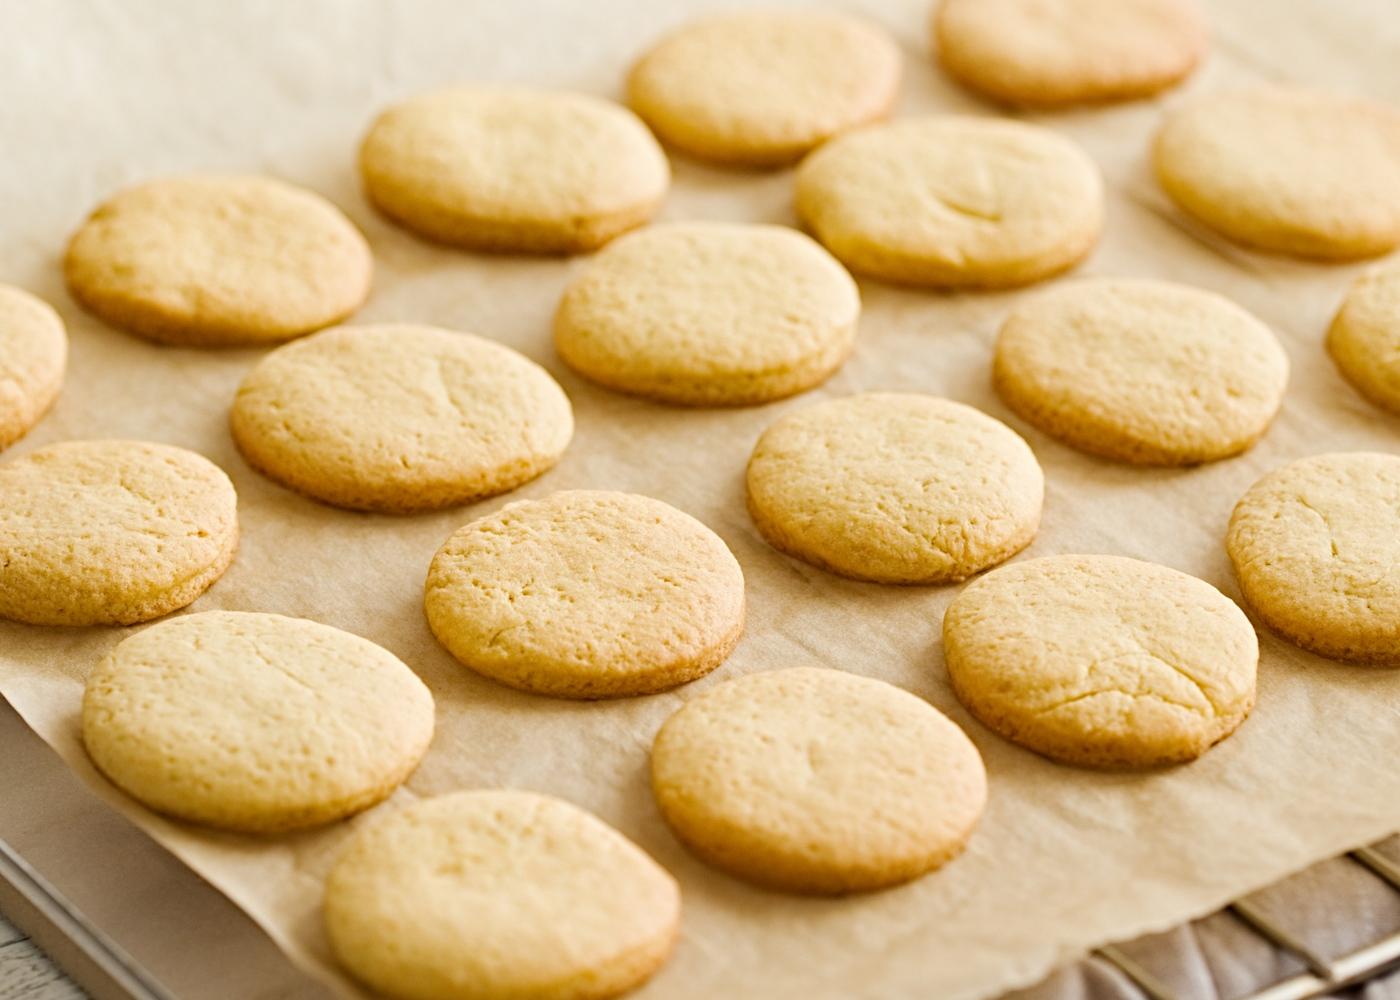 Biscoitos de manteiga com leite consensado